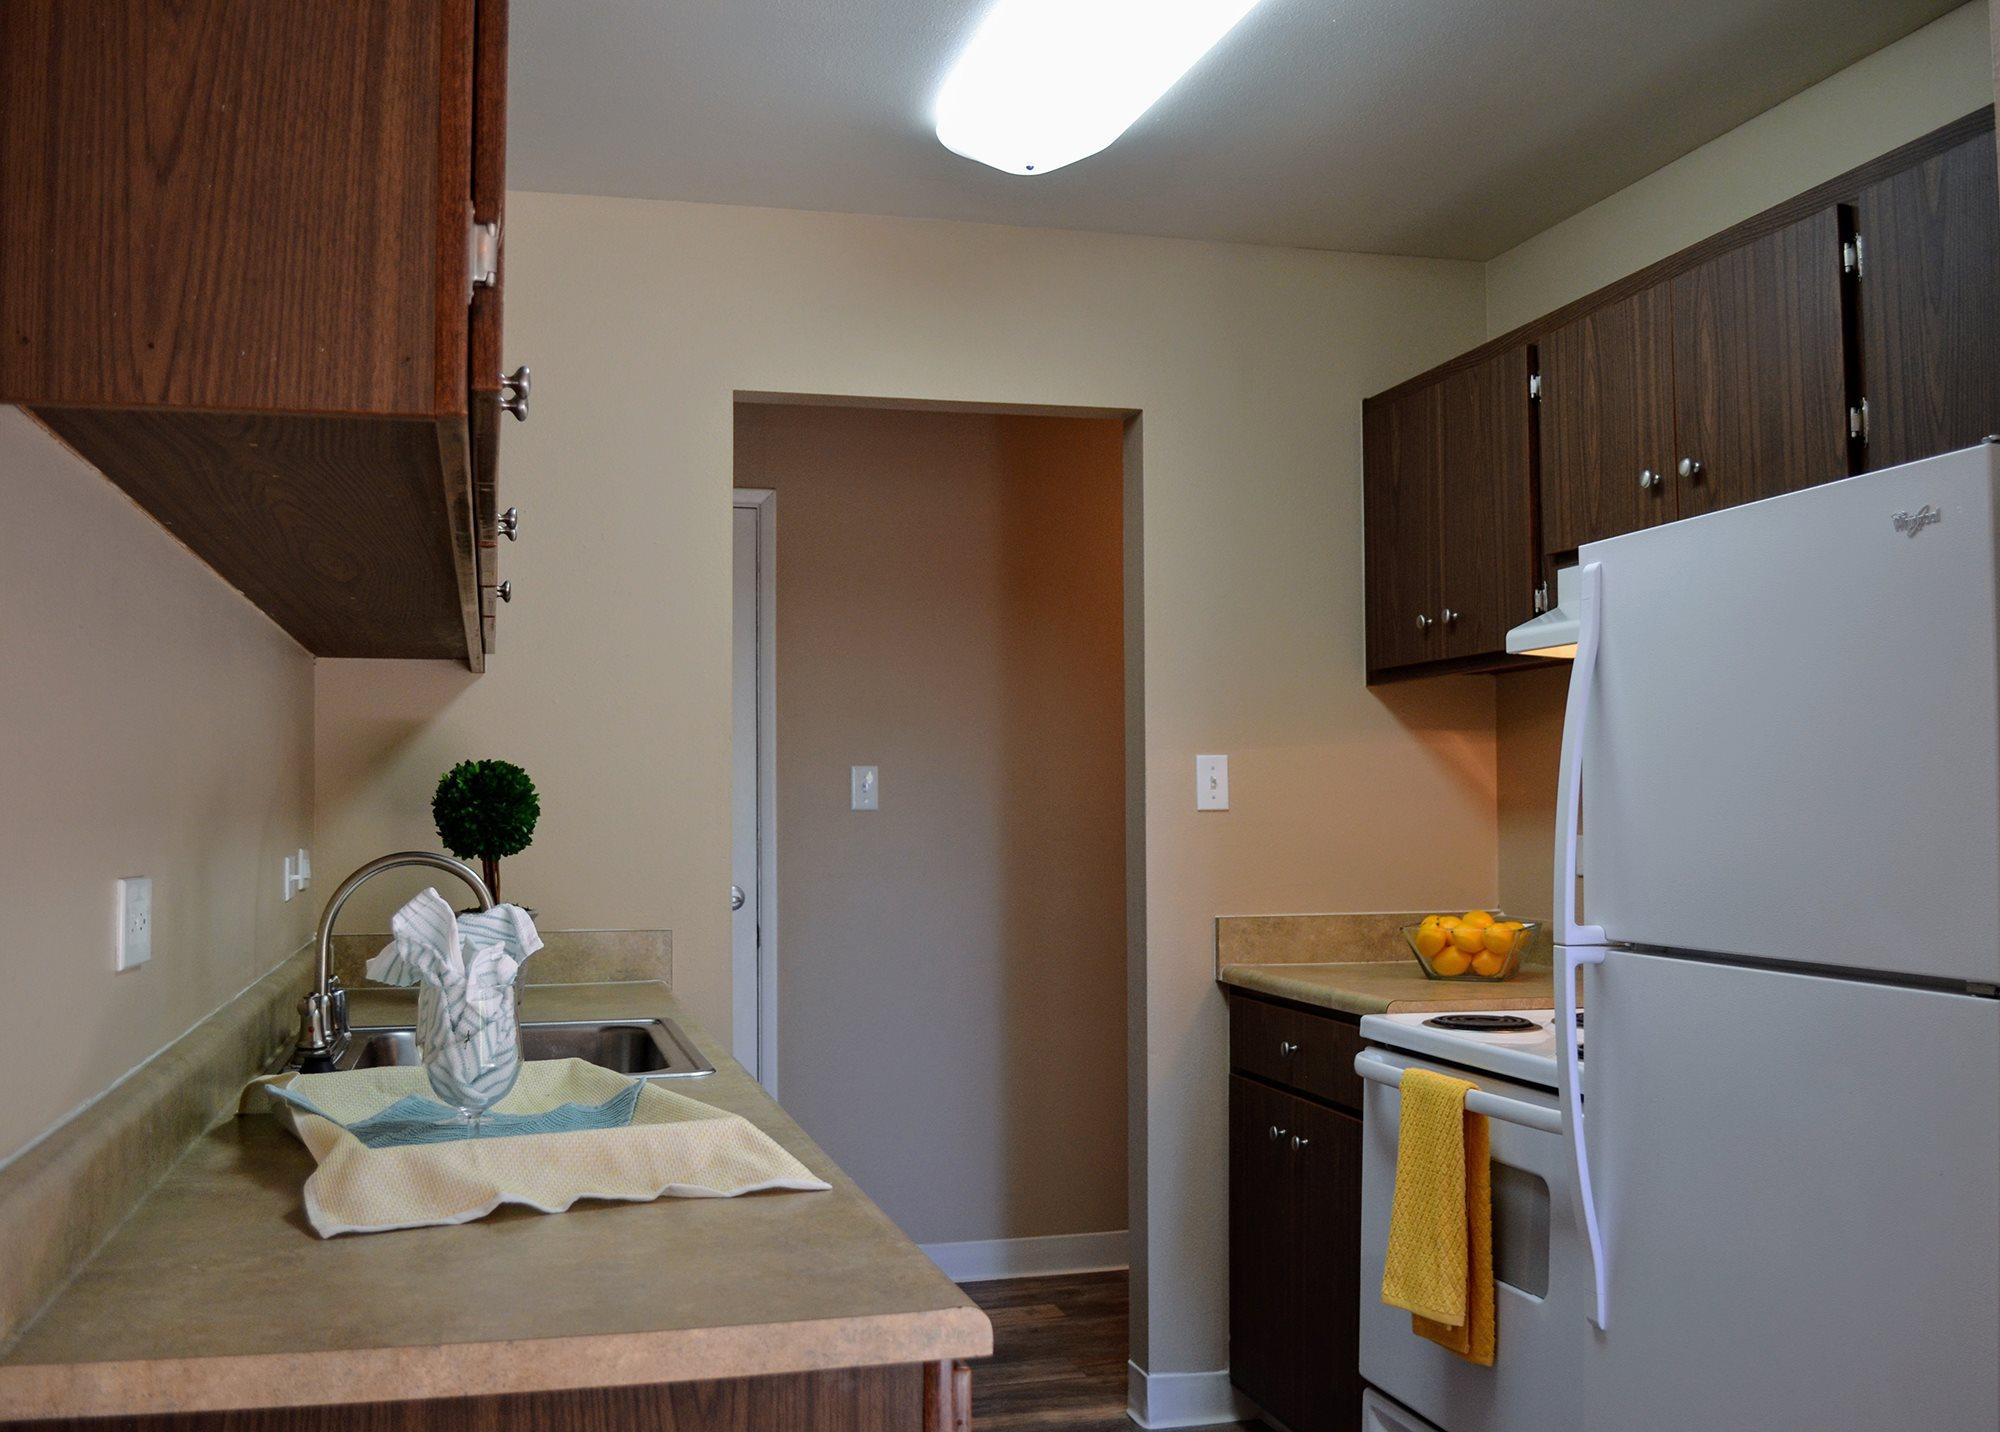 Kitchen with Pantry Cabinet at Bella Vista Apartment Homes, Napa, CA